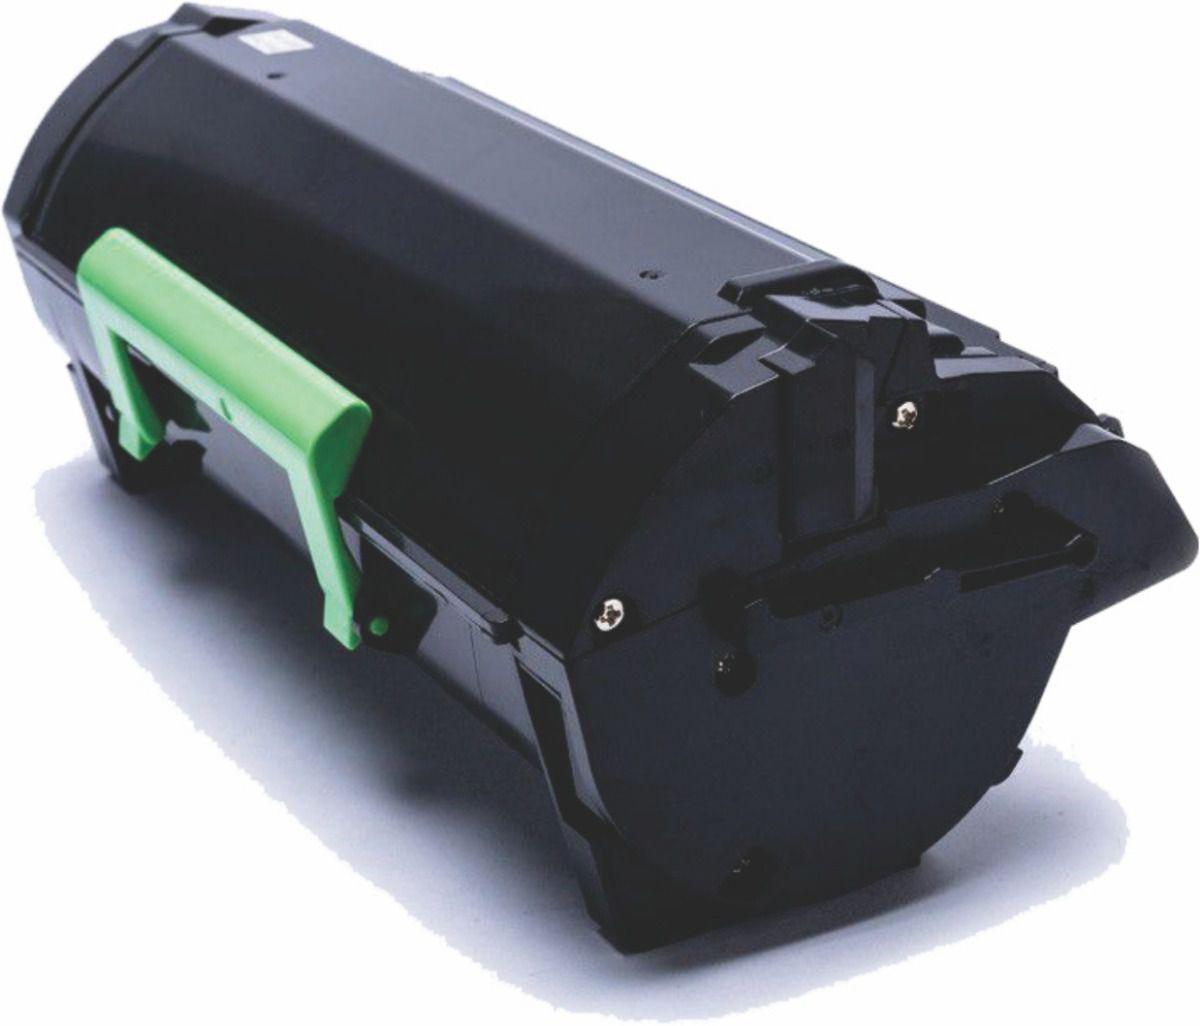 Toner compatível com Lexmark 604x/MX510/MX511/MX611 - 20.000 Páginas - Cartucho & Cia.